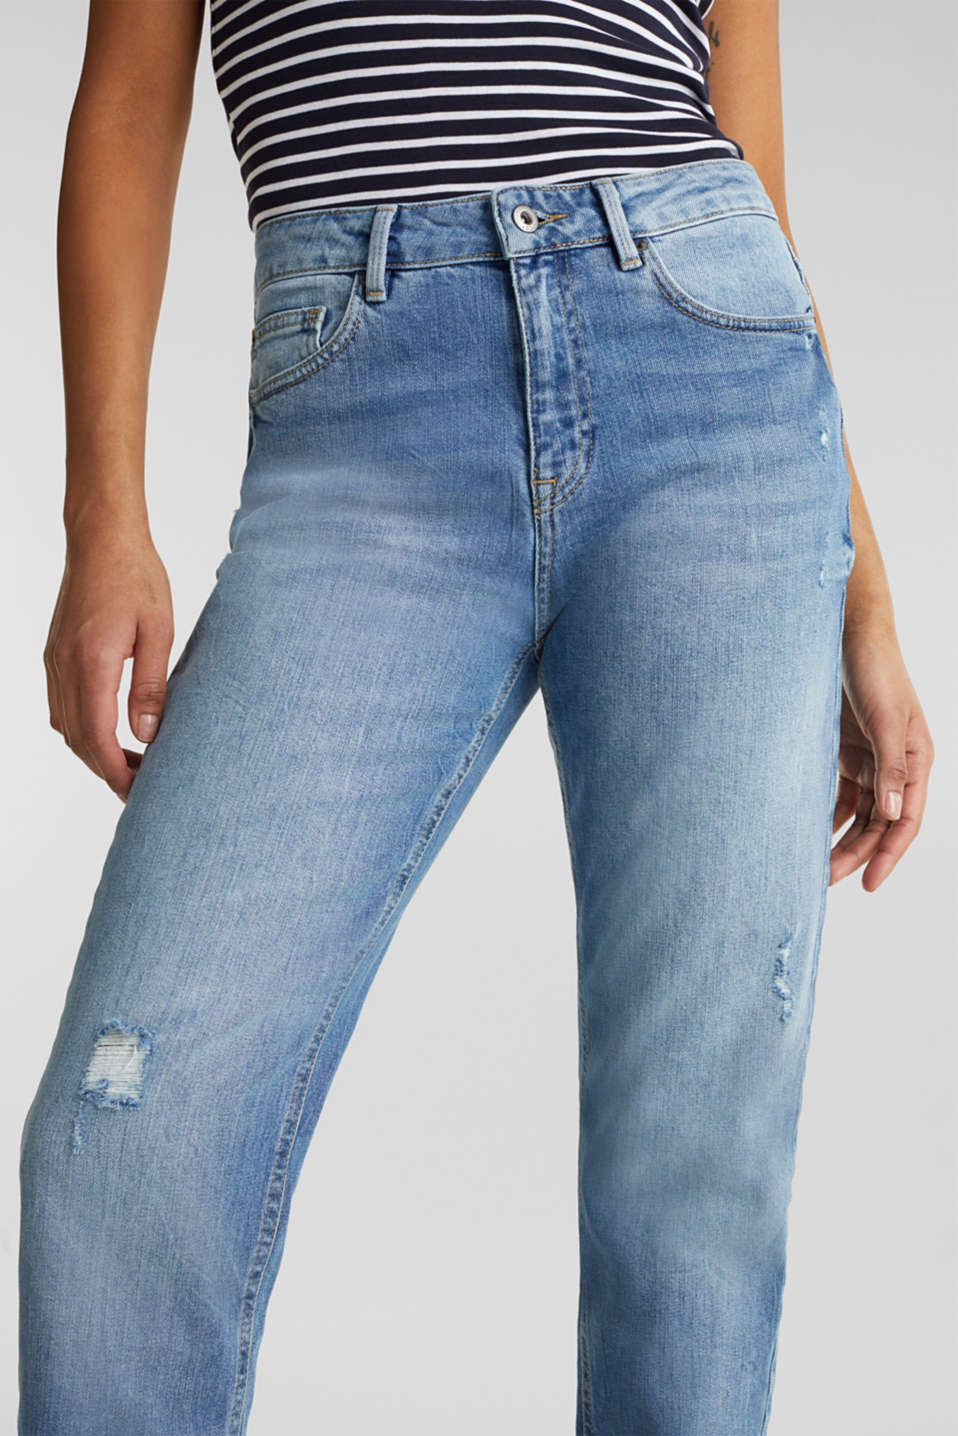 Jeans with vintage details, BLUE LIGHT WASH, detail image number 2